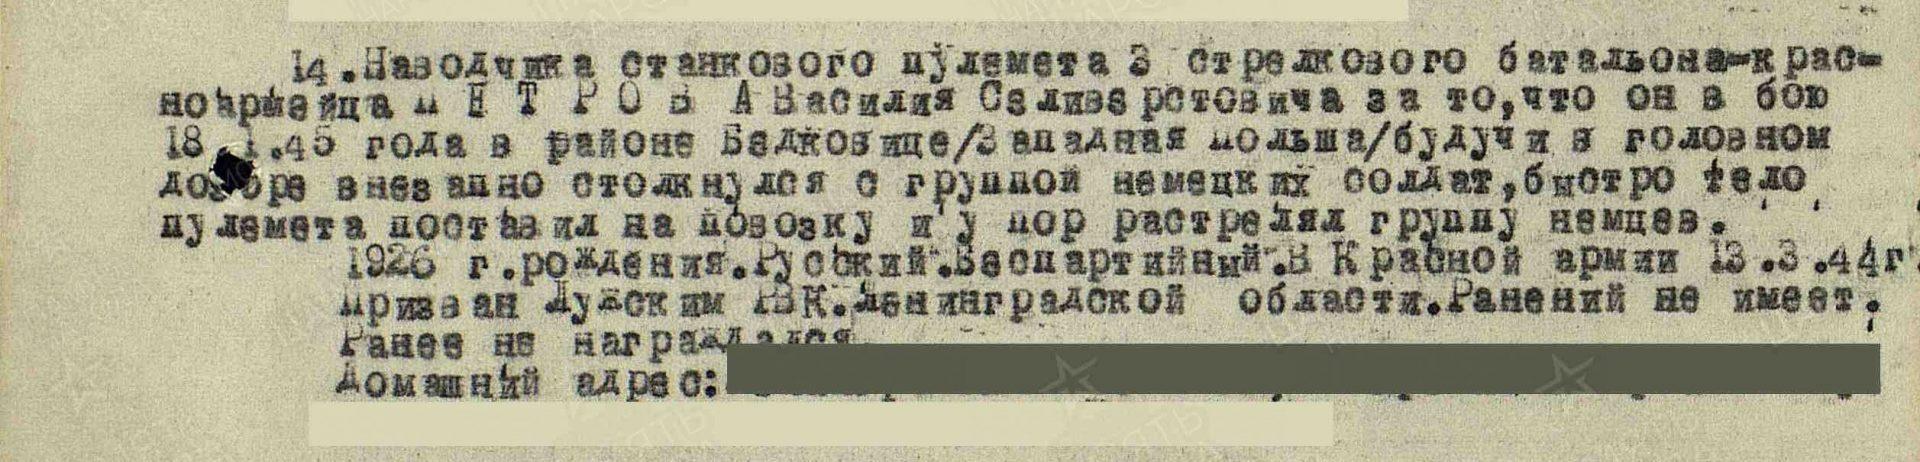 Петров Василий Селиверстович